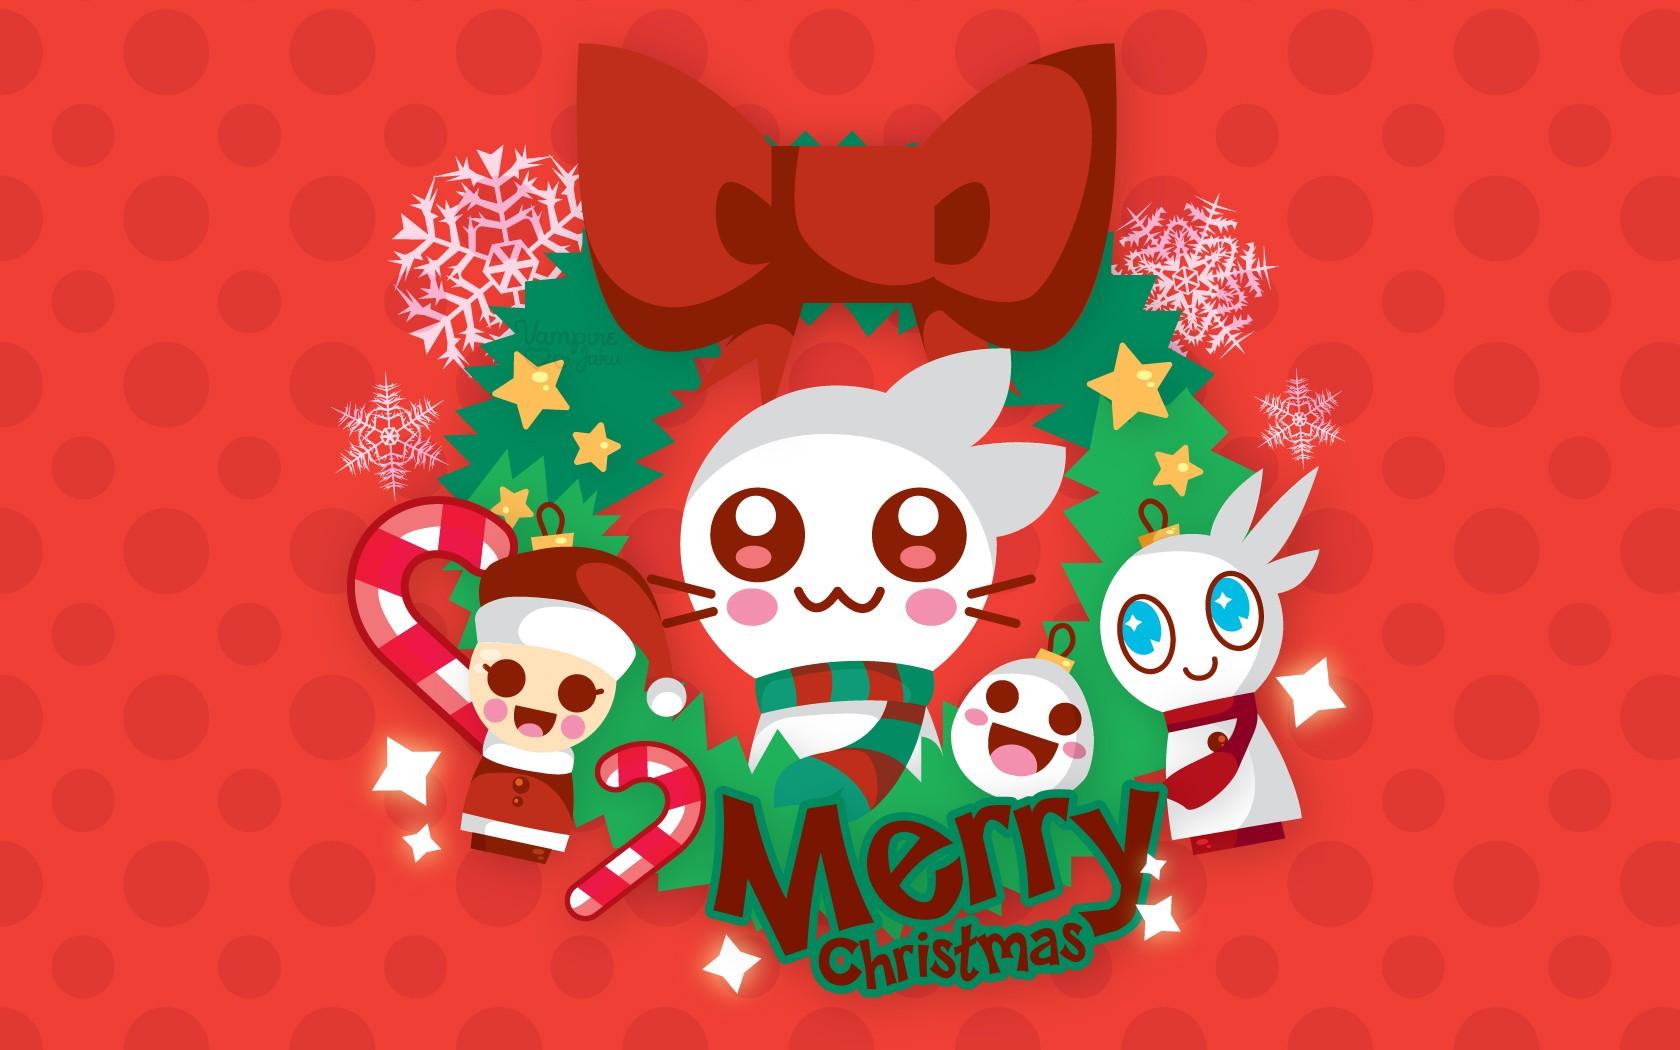 Dibujos para navidad - 1680x1050